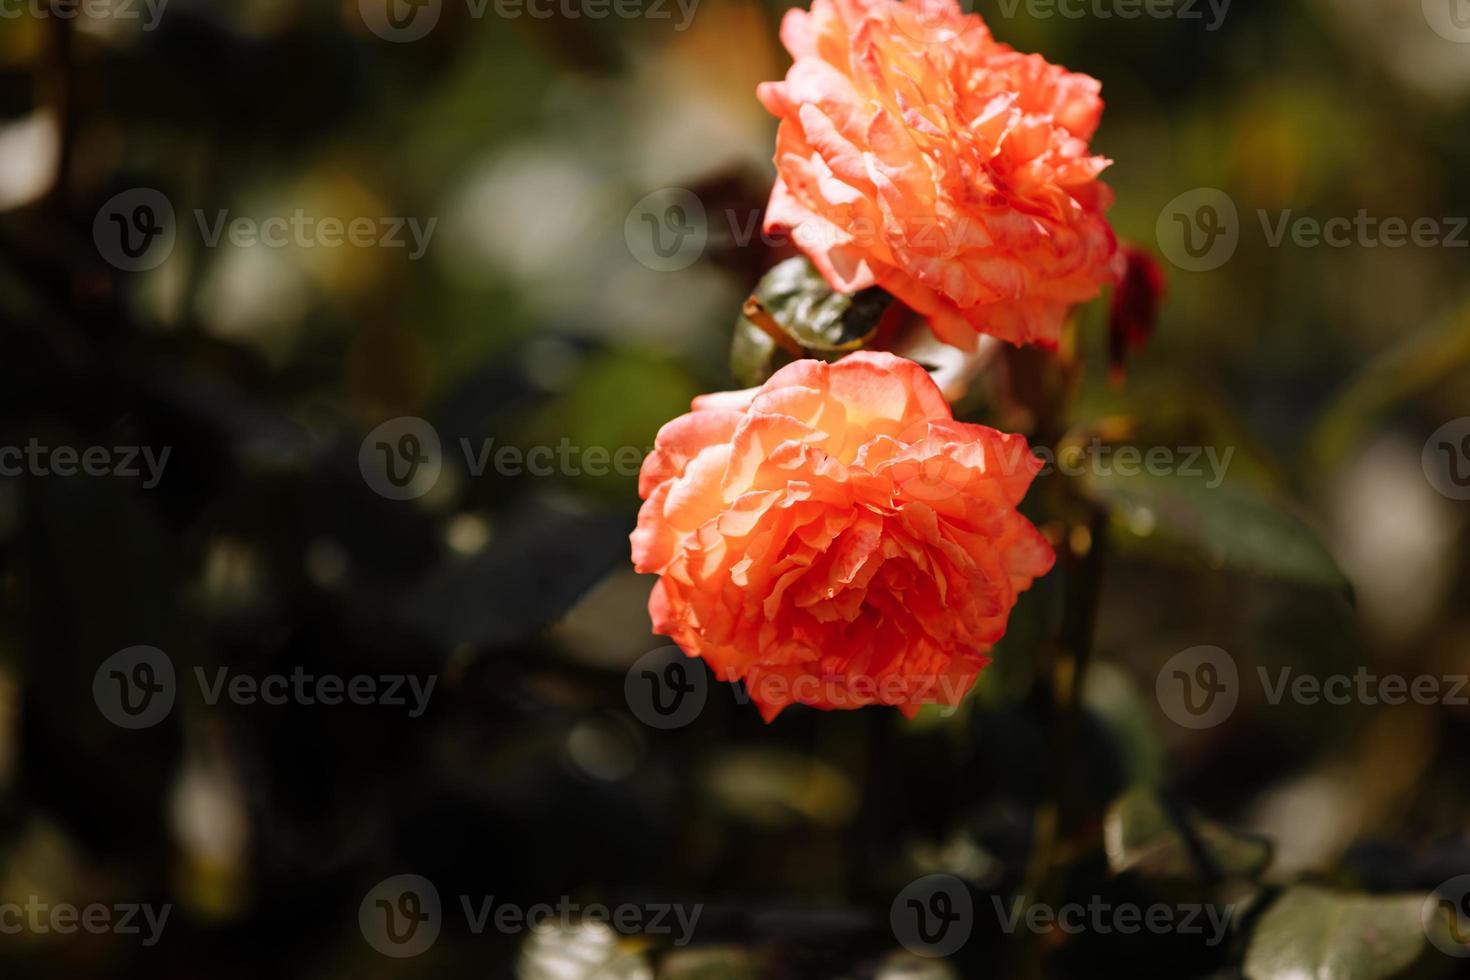 un'incredibile rosa pesca delicata da vicino nel giardino. colpo a macroistruzione di una bella rosa multicolore da vicino. perfetto concetto di cartolina. messa a fuoco selettiva foto